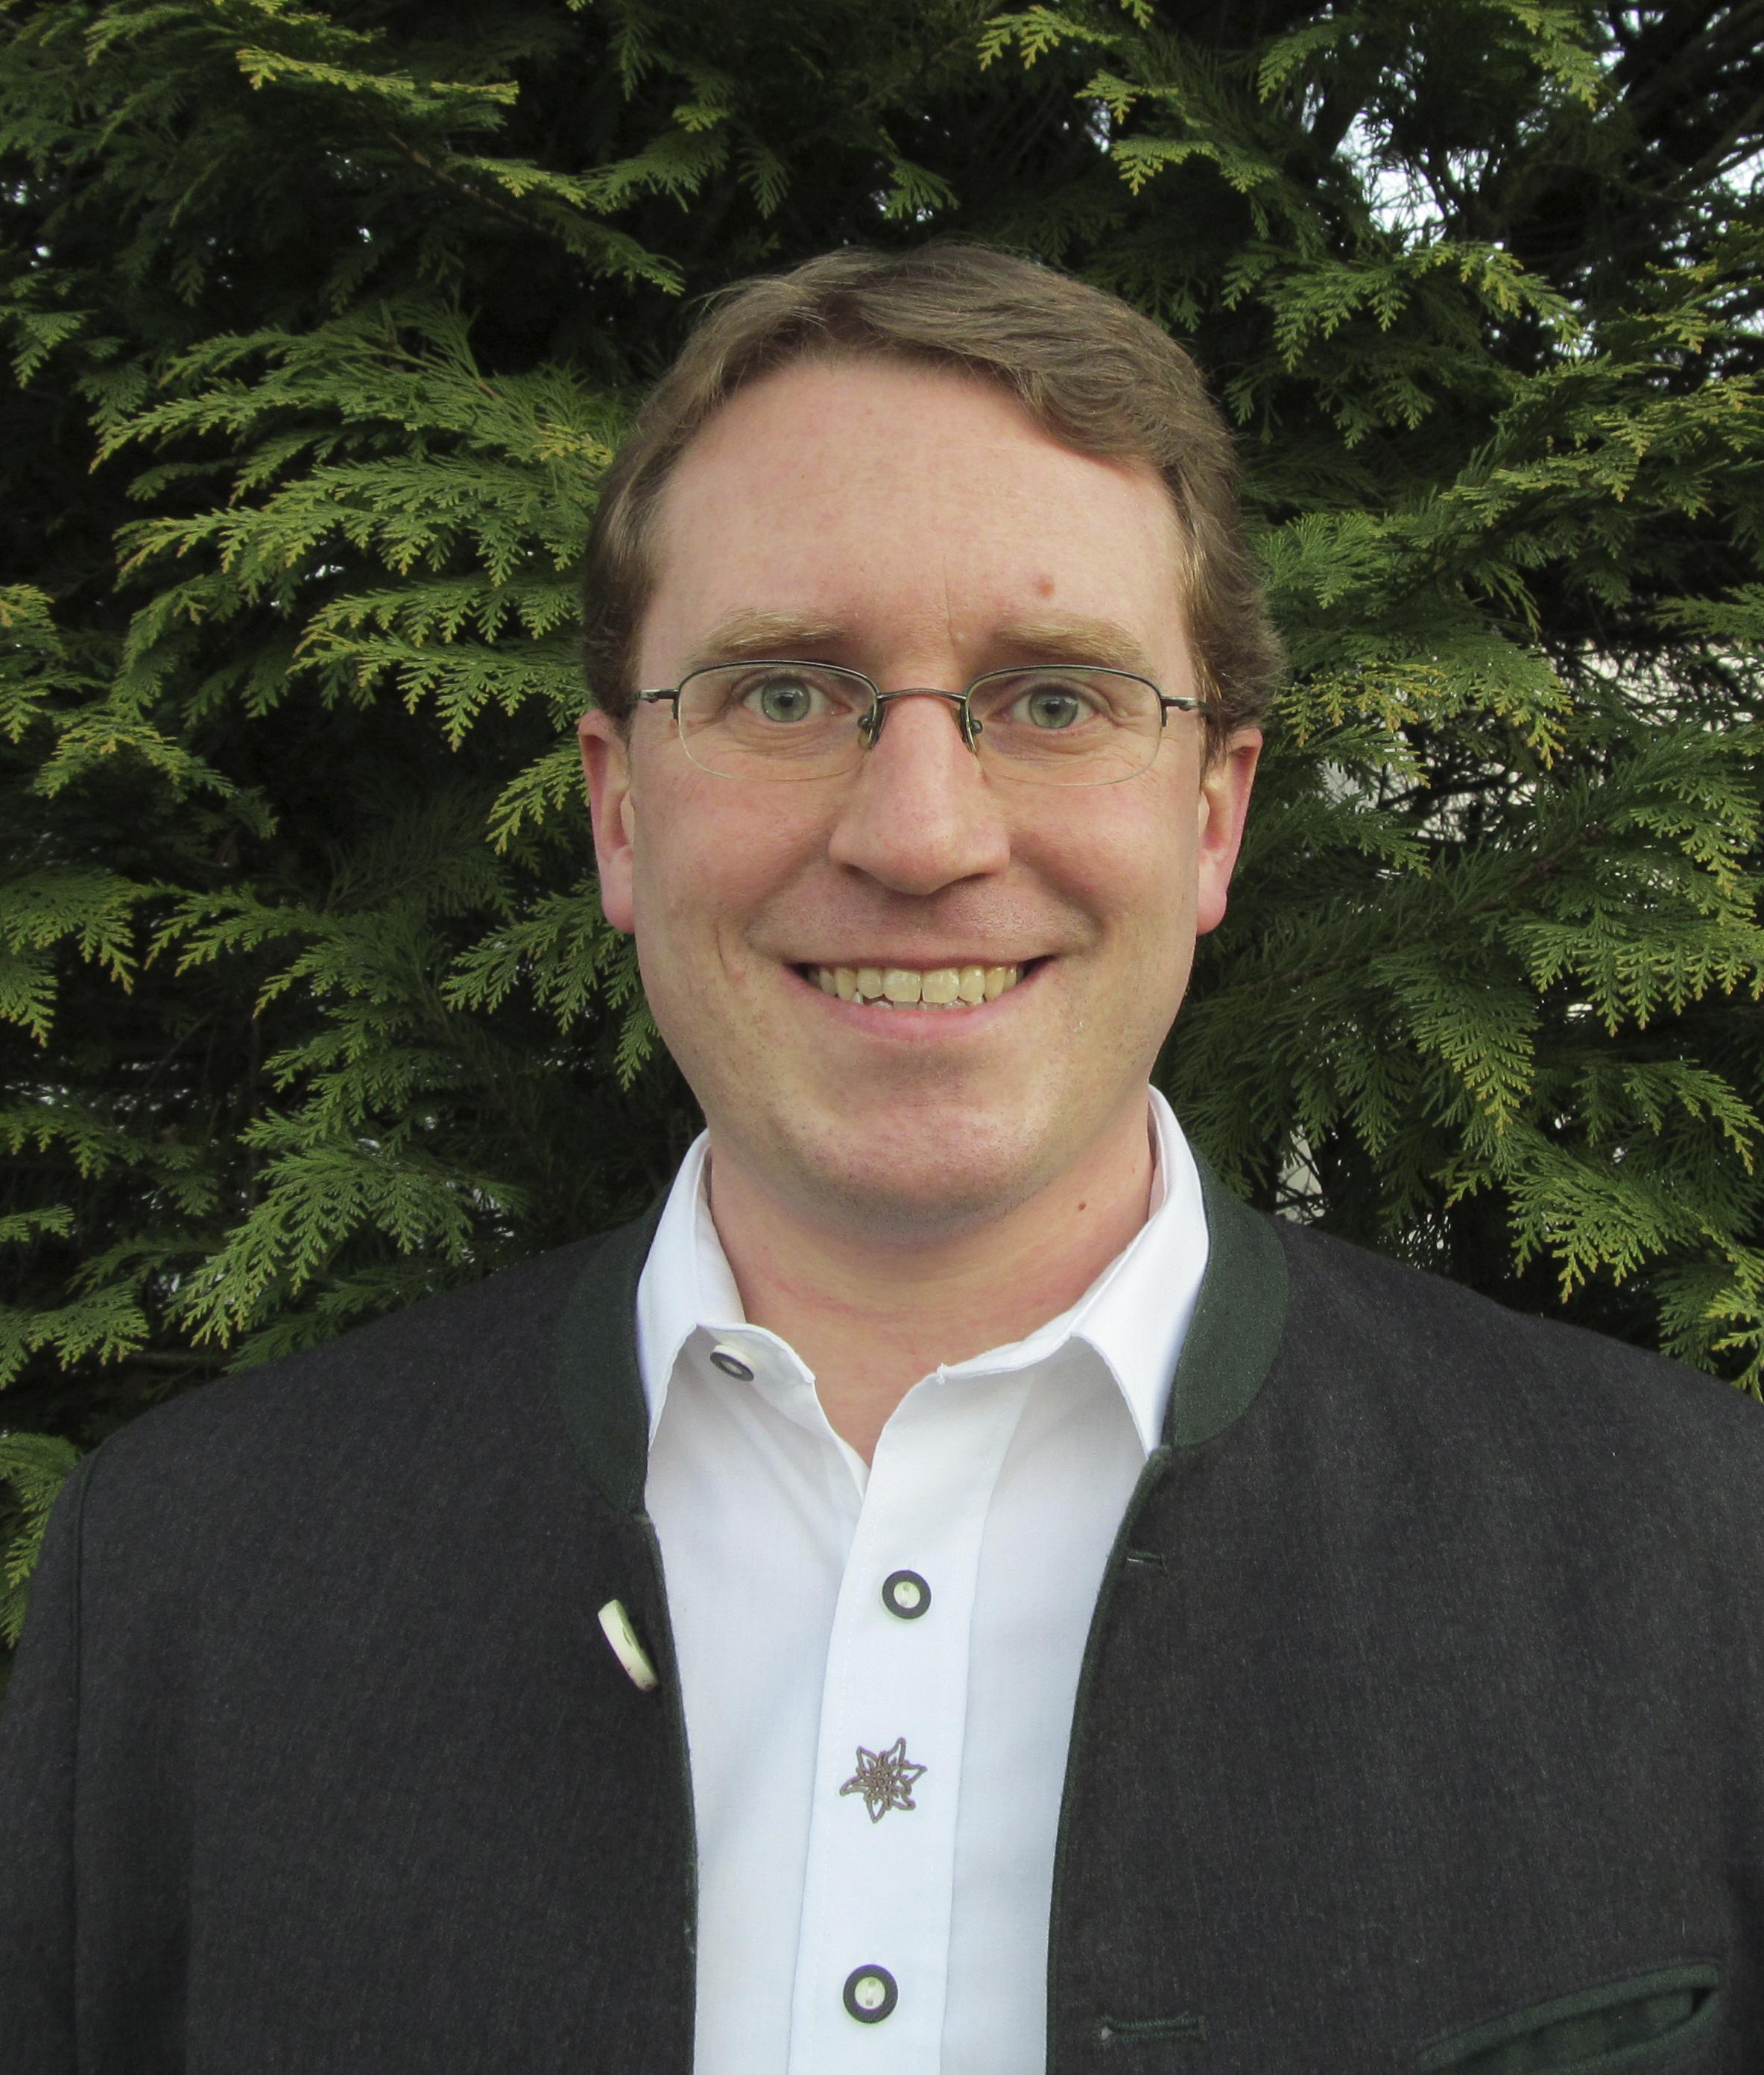 Vortragender des Steirischen Jagdschutzvereines bis 2014